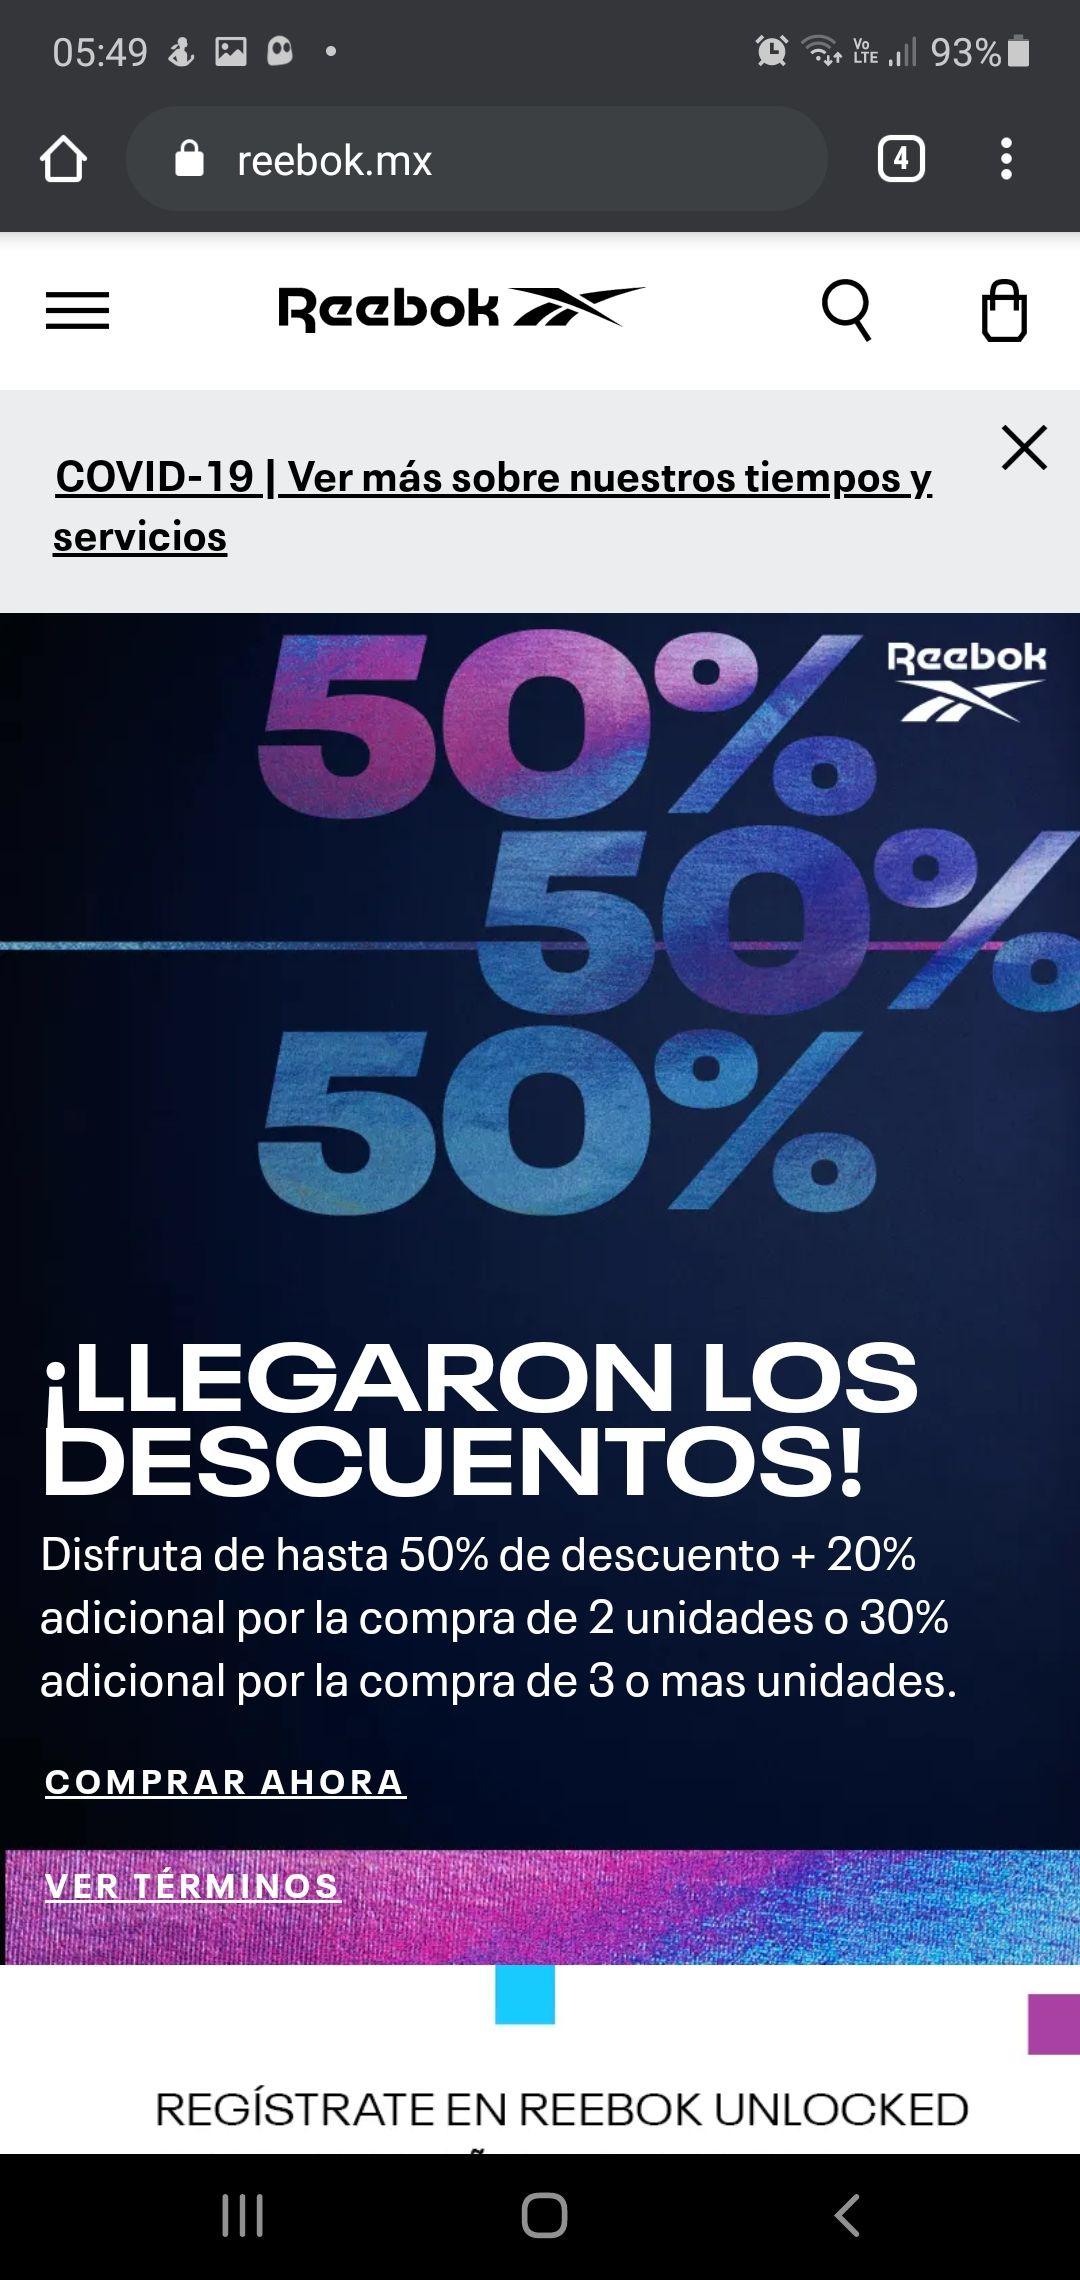 Reebok: 20% adicional comprando 2 productos y 30% adicional comprando 3 o más productos